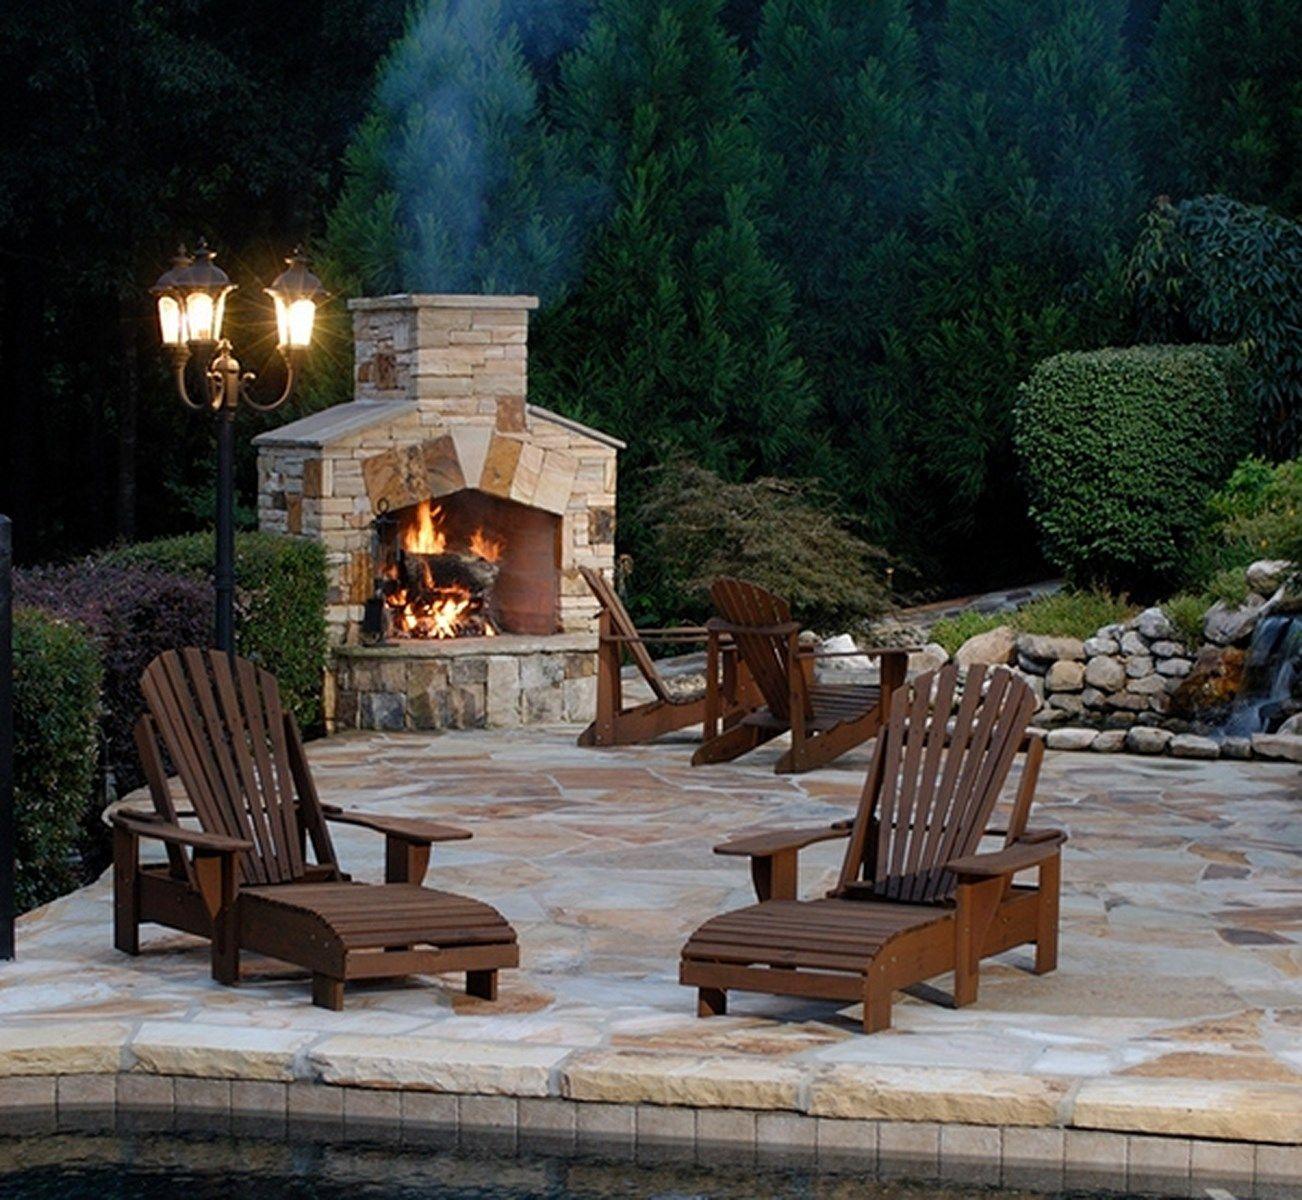 Good Außen Kamin, Außensteinkamine, Innenkamine, Außenkamin Pläne, Leben Im  Freien, Außenräume, Kochen, Wood Burning Fireplaces, Backyard Fireplace Amazing Design